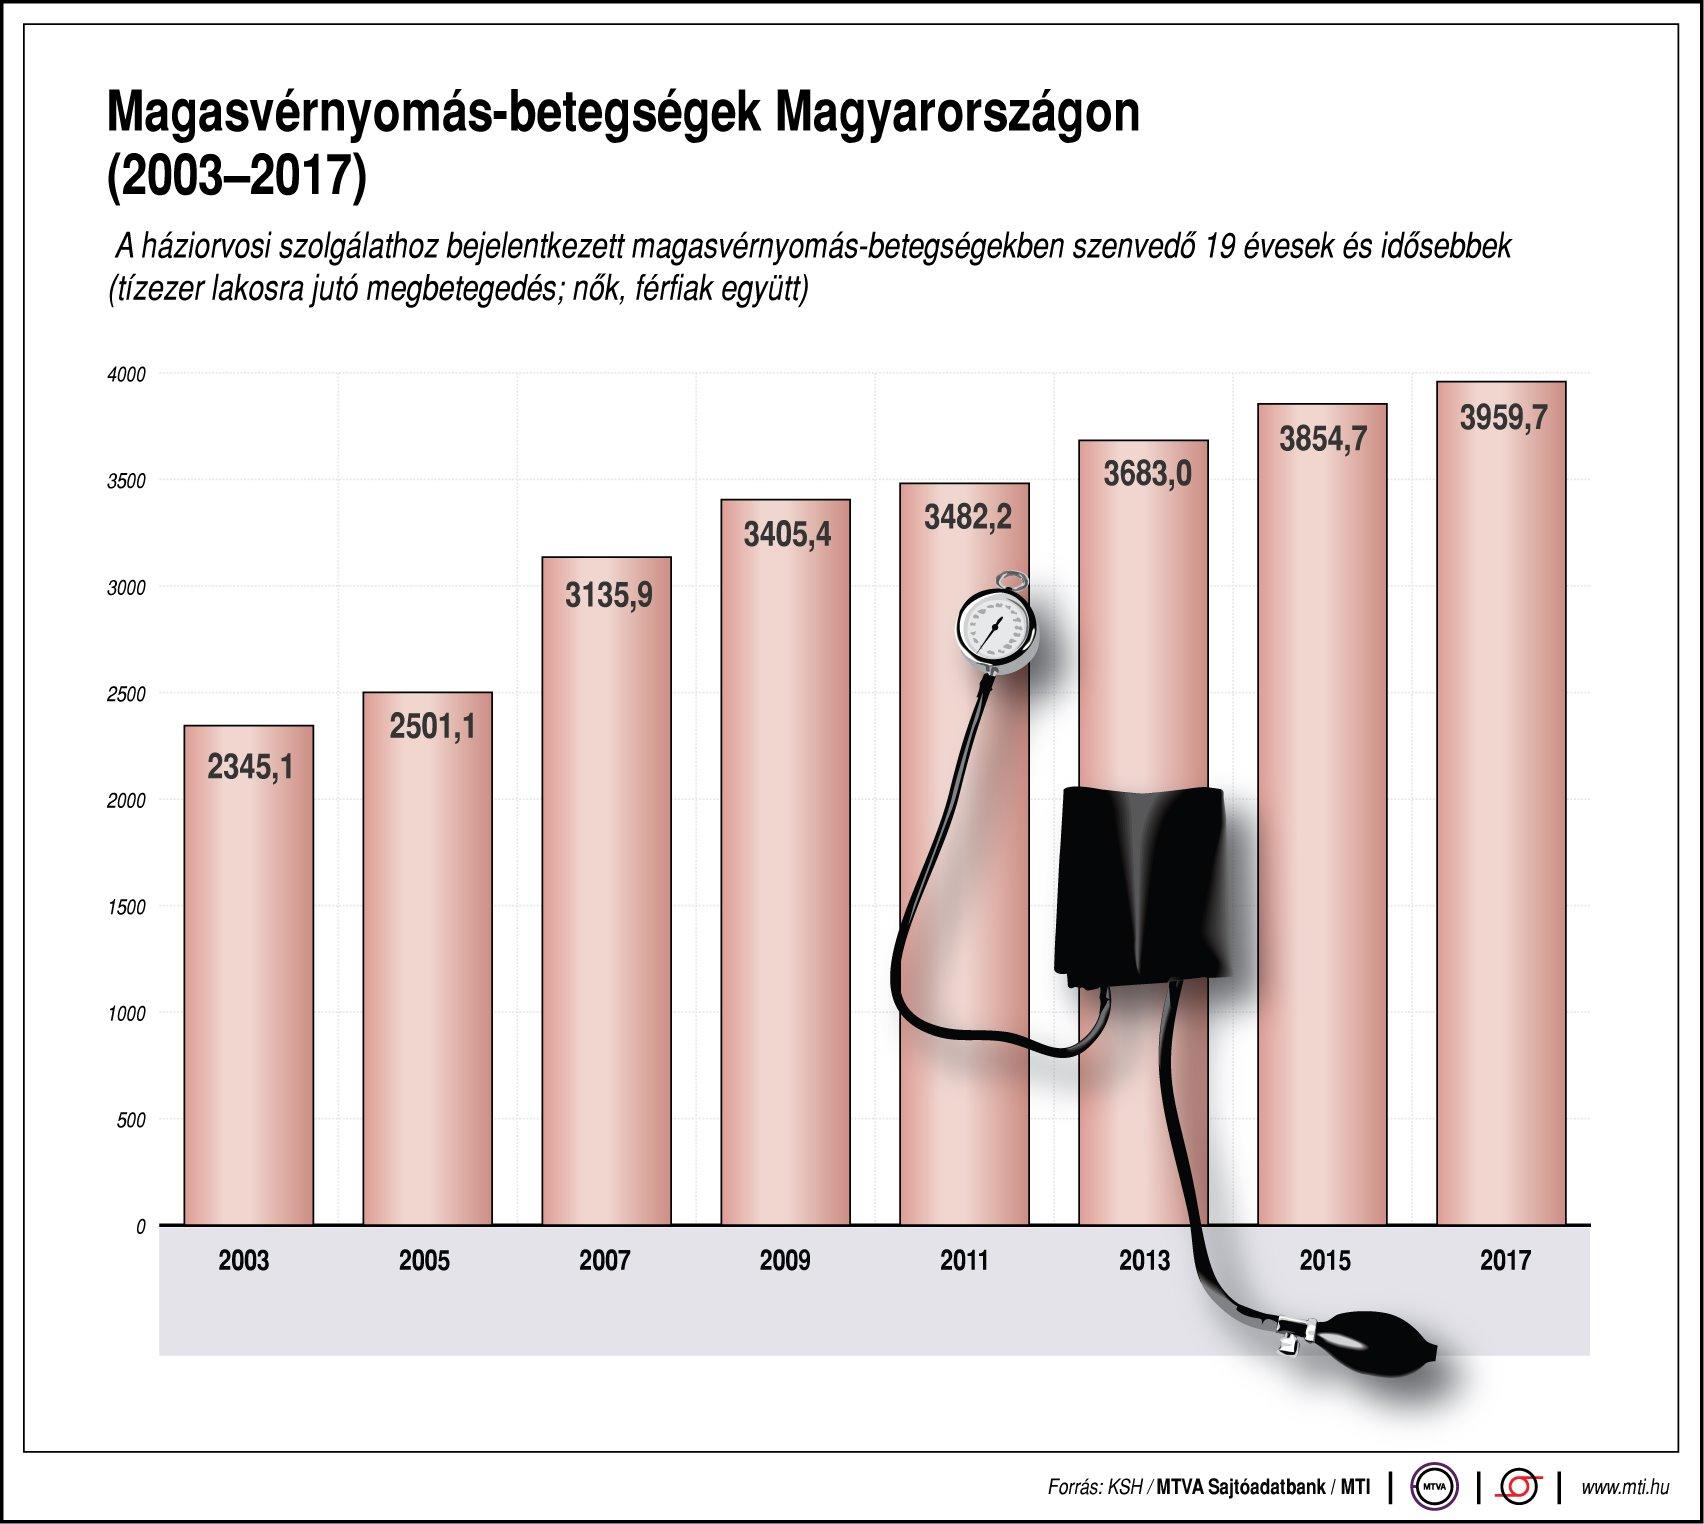 rosszindulatú magas vérnyomás fiatalon magas vérnyomás szolgál a rendőrségen